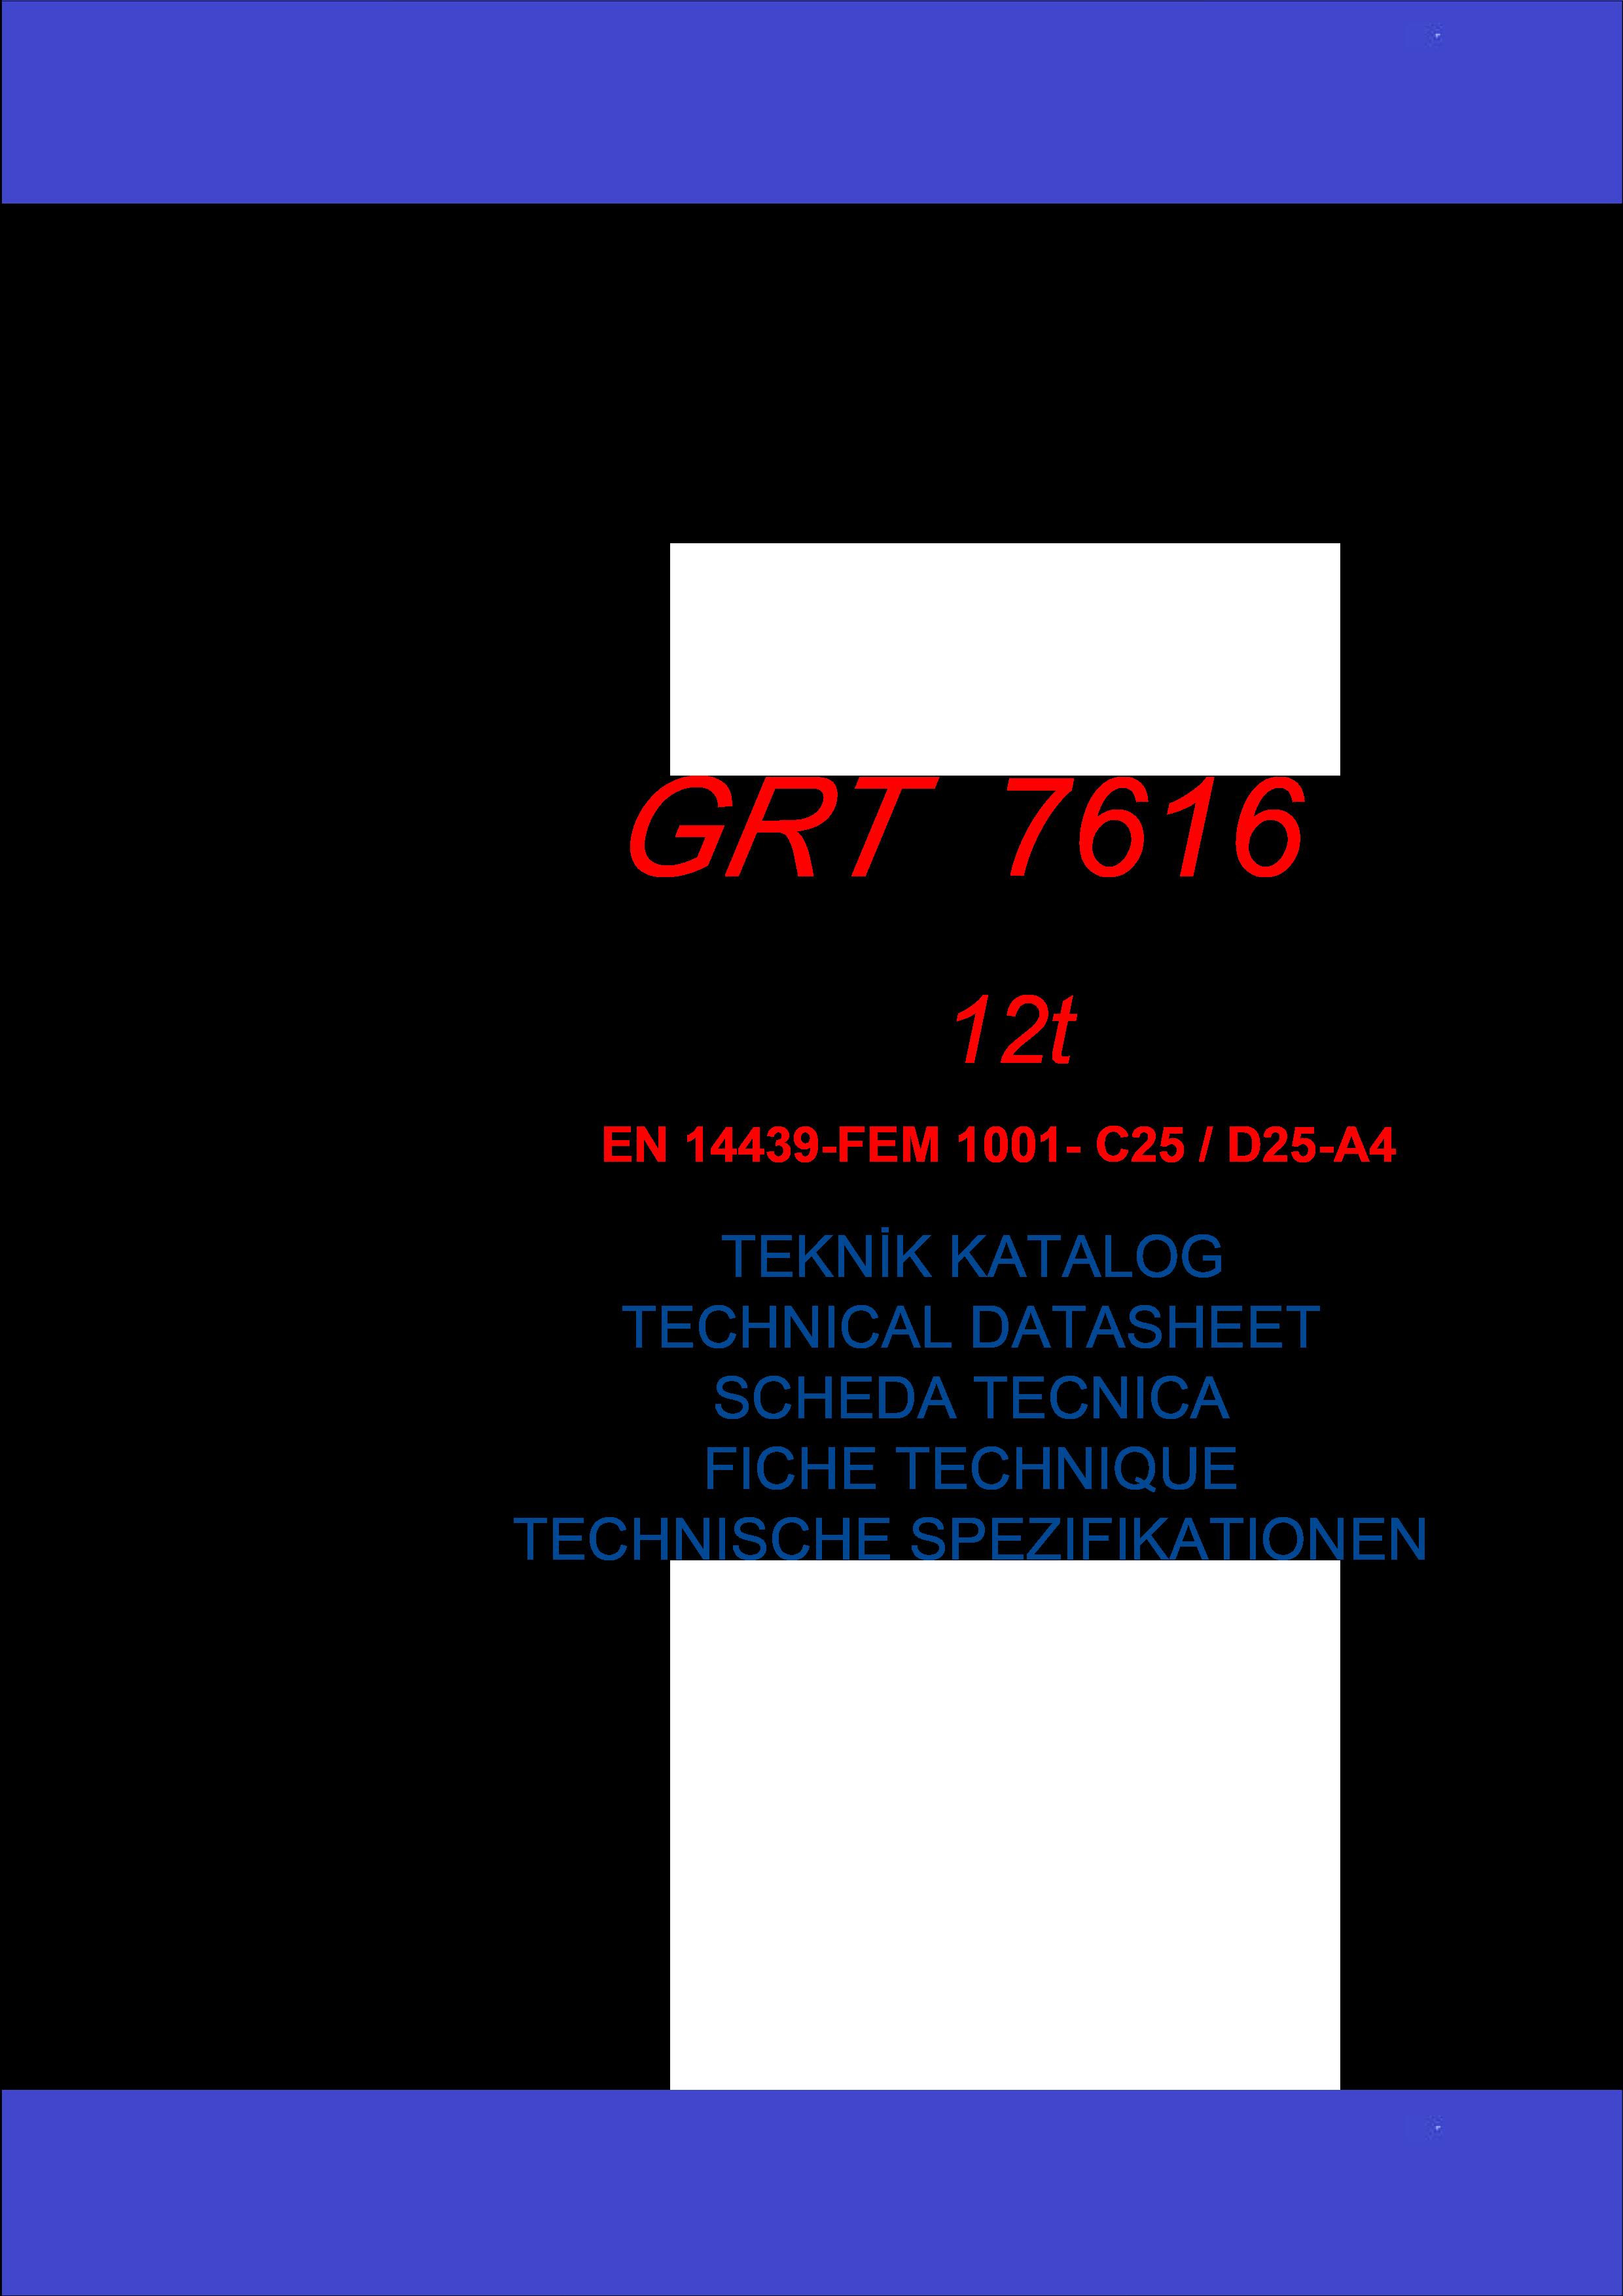 GRT-7616